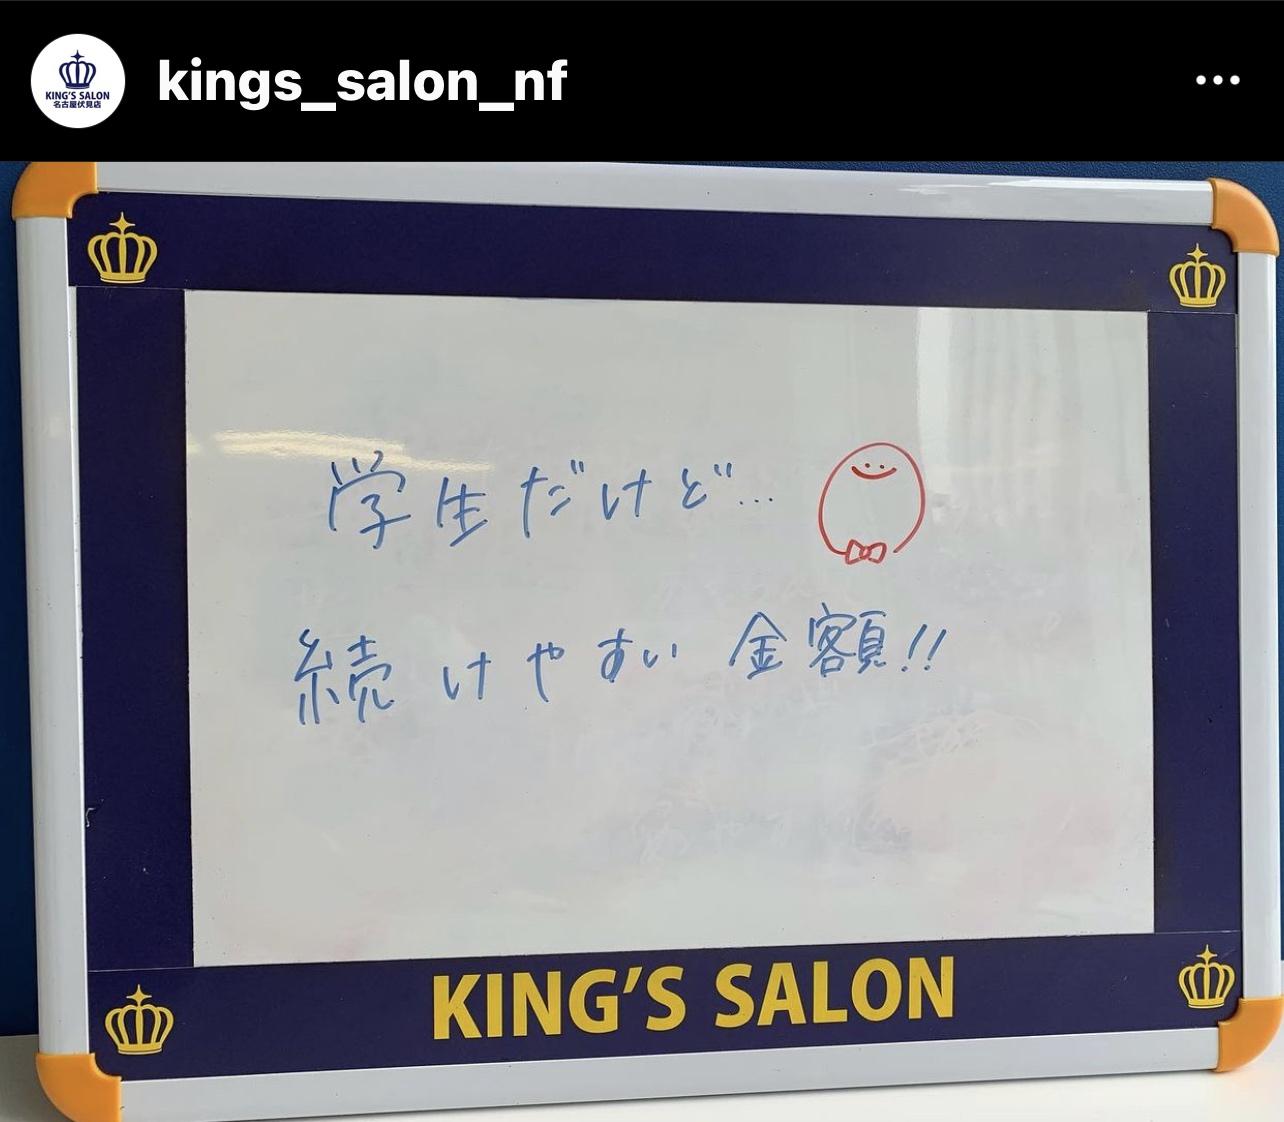 お客様の声 キングスサロン名古屋伏見店のサムネイル画像